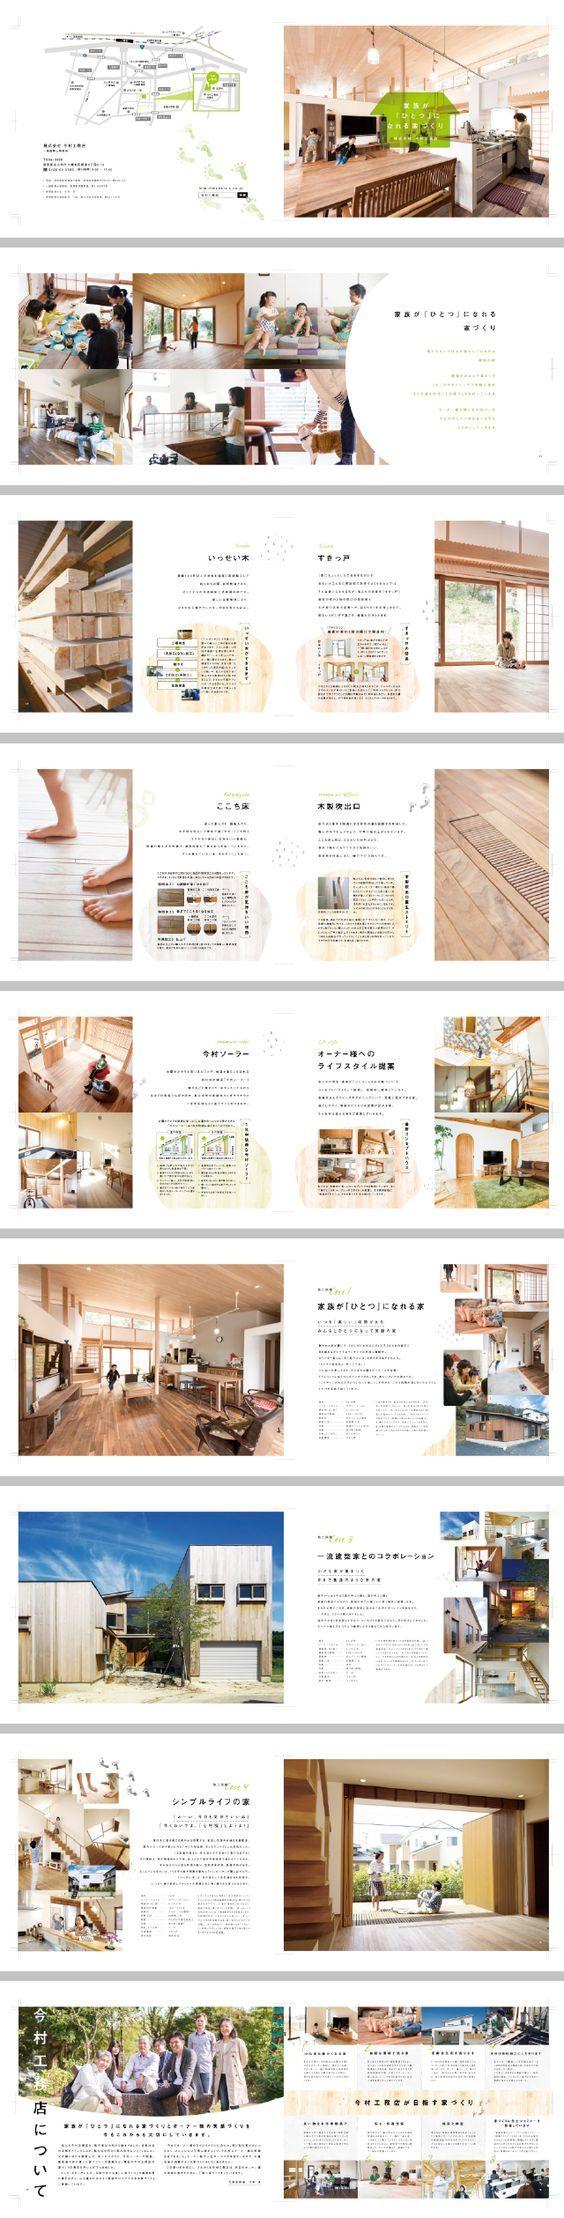 パンフレット制作 自然素材の注文住宅・リフォームを手がける「株式会社 今村工務店」様: